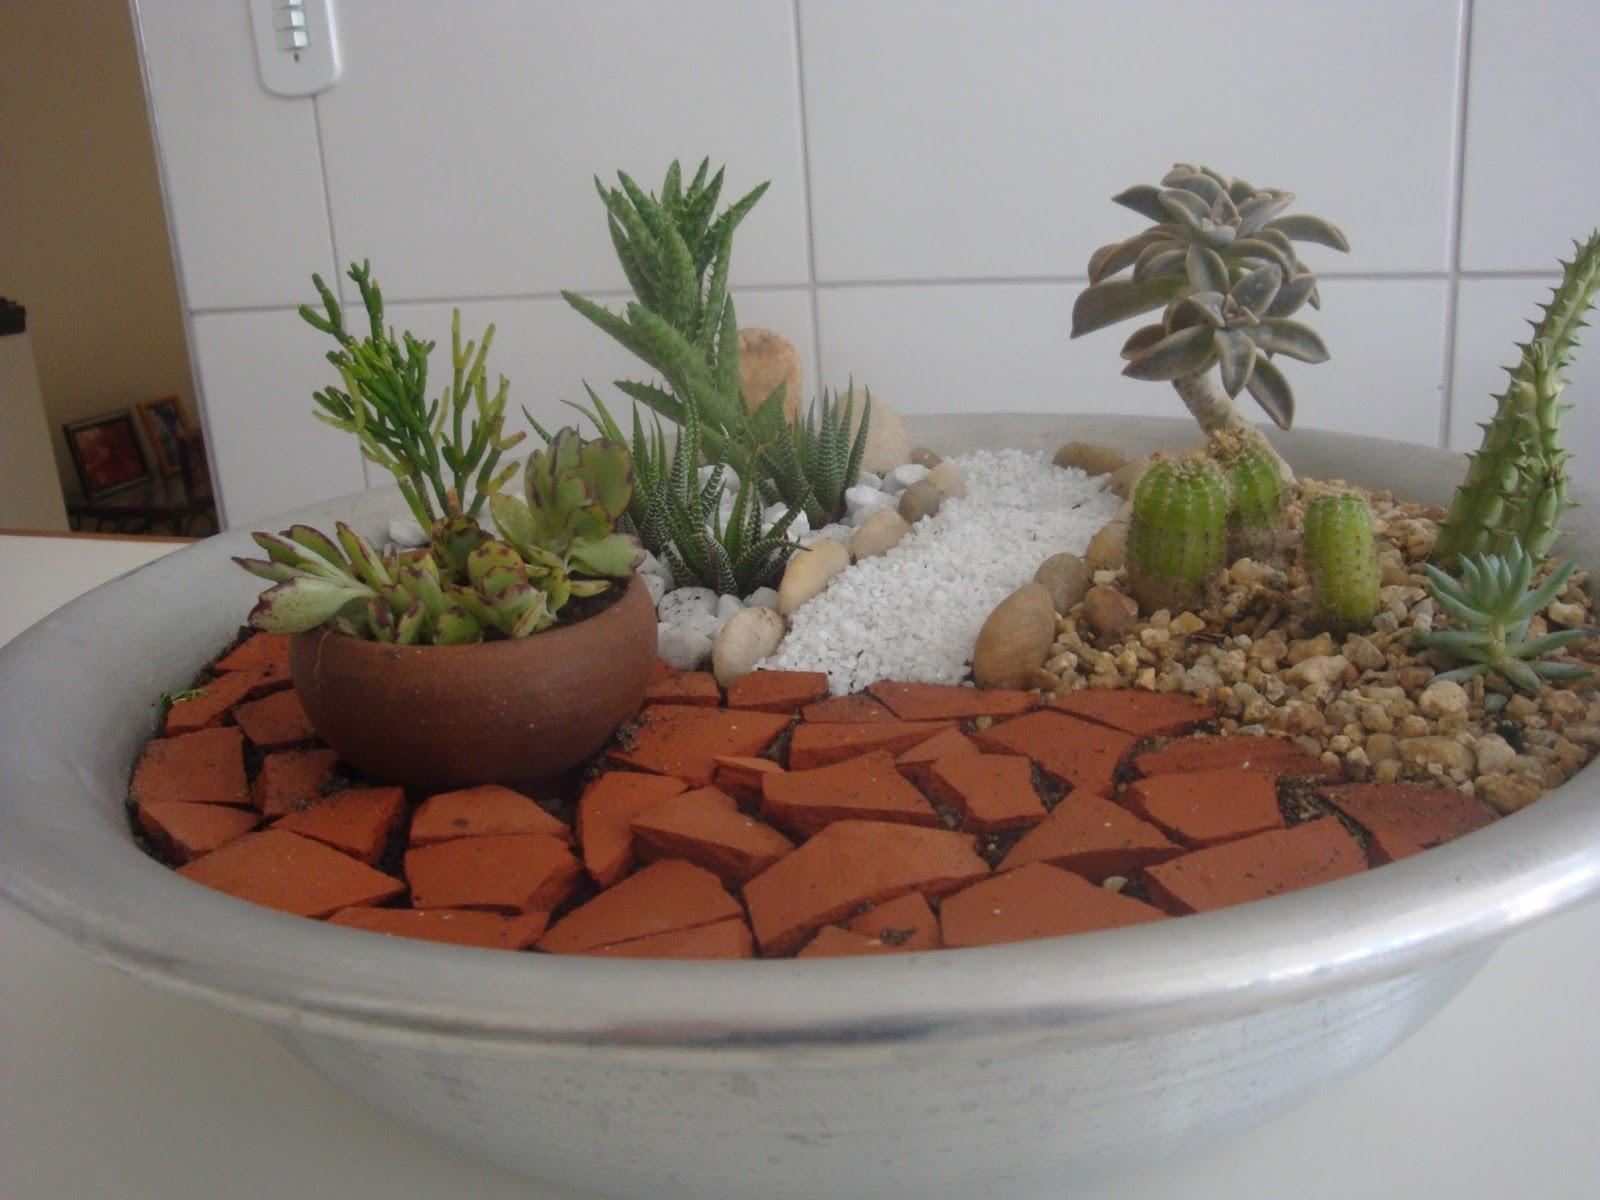 mini jardins em vidro : mini jardins em vidro:gente linda! Tô aqui mais uma vez compartilhando meus mini-jardins